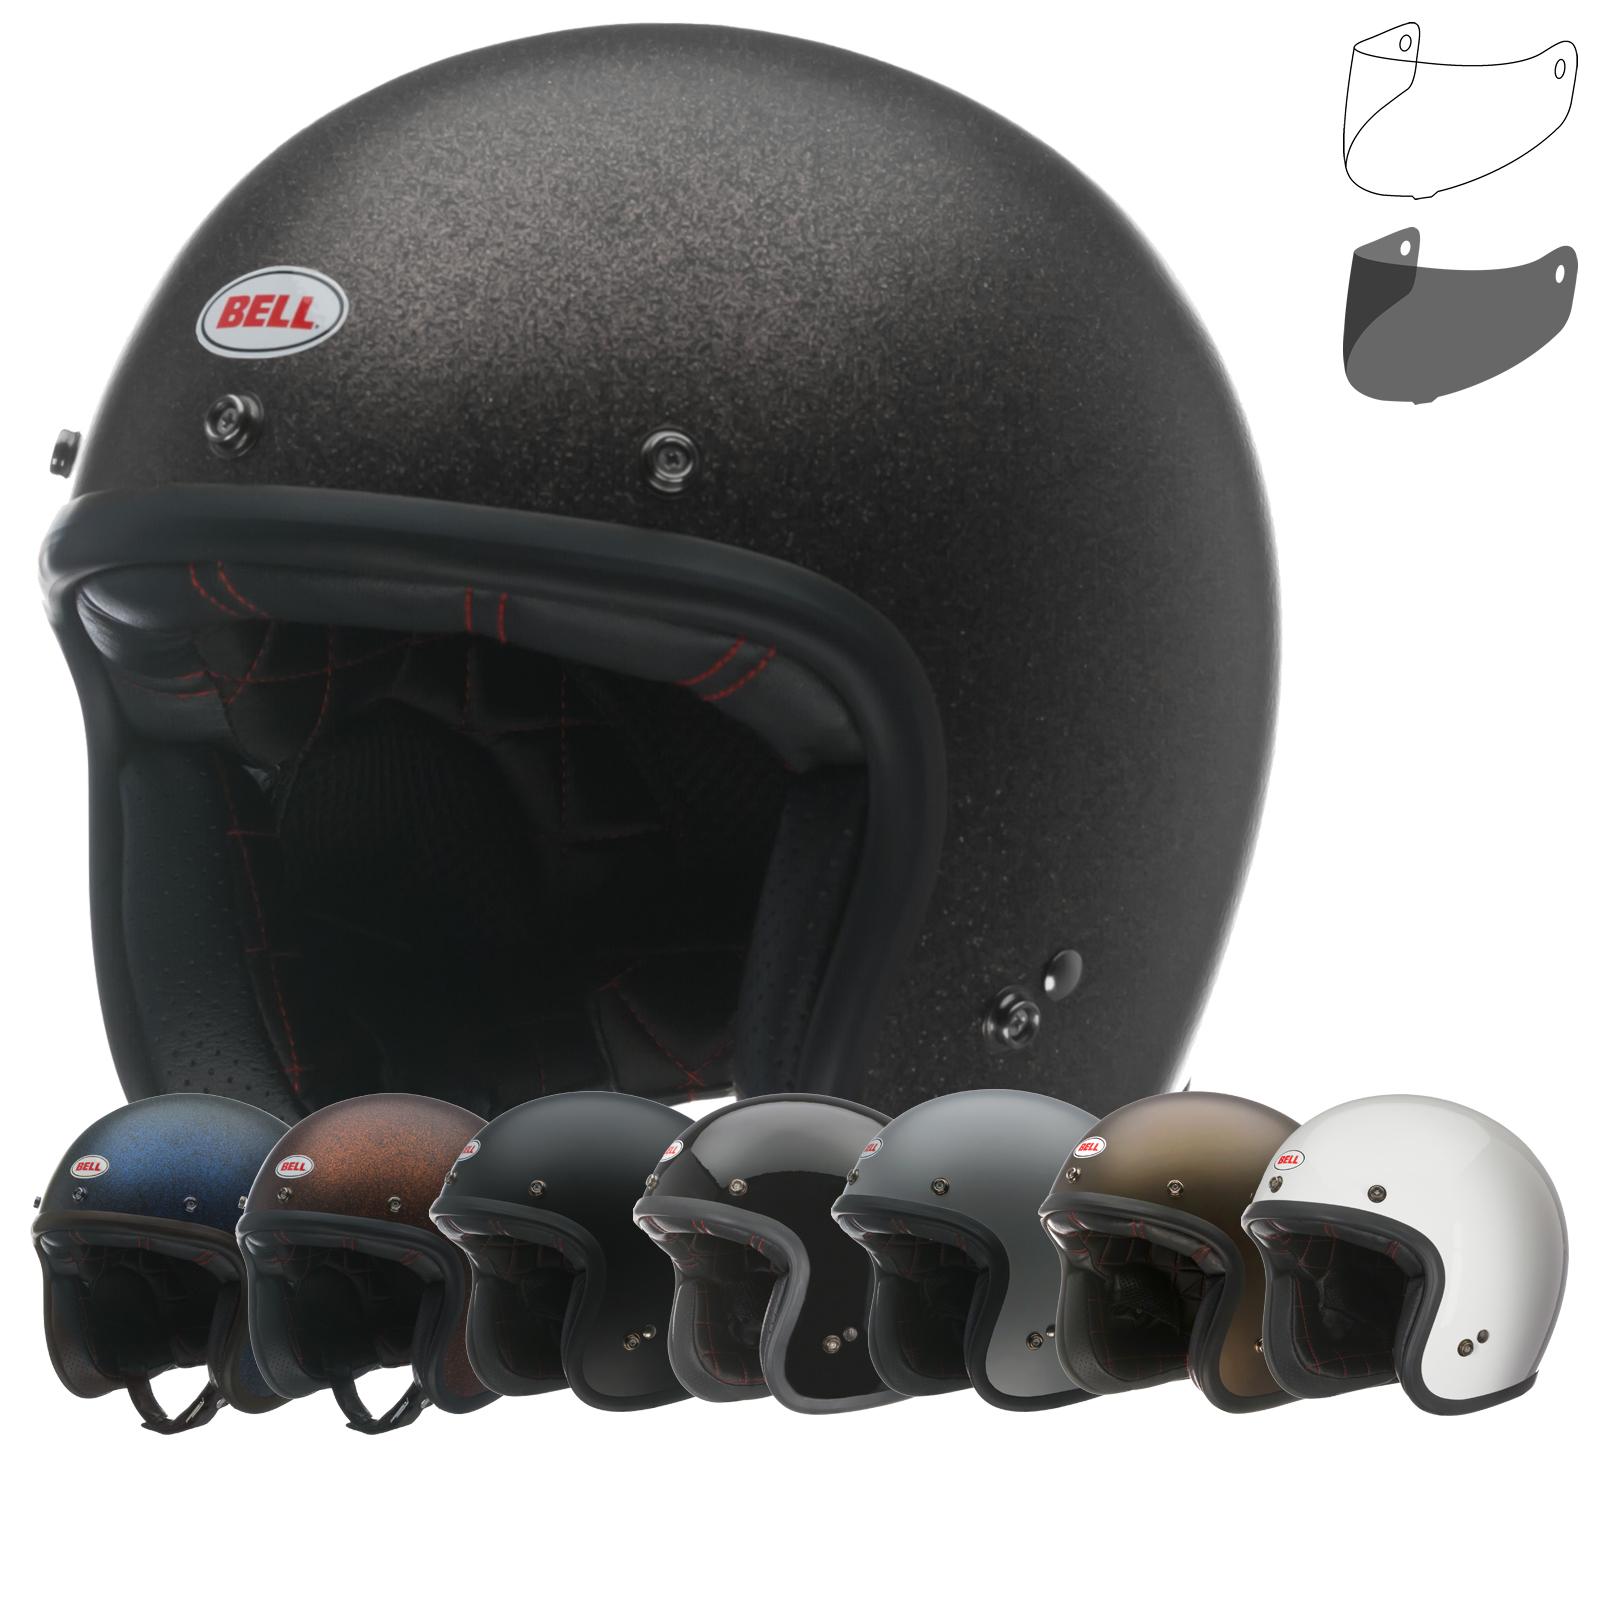 Bell Custom 500 Bubble Visor >> Bell Custom 500 Deluxe Open Face Motorcycle Helmet & Optional Bubble Visor - Open Face Helmets ...